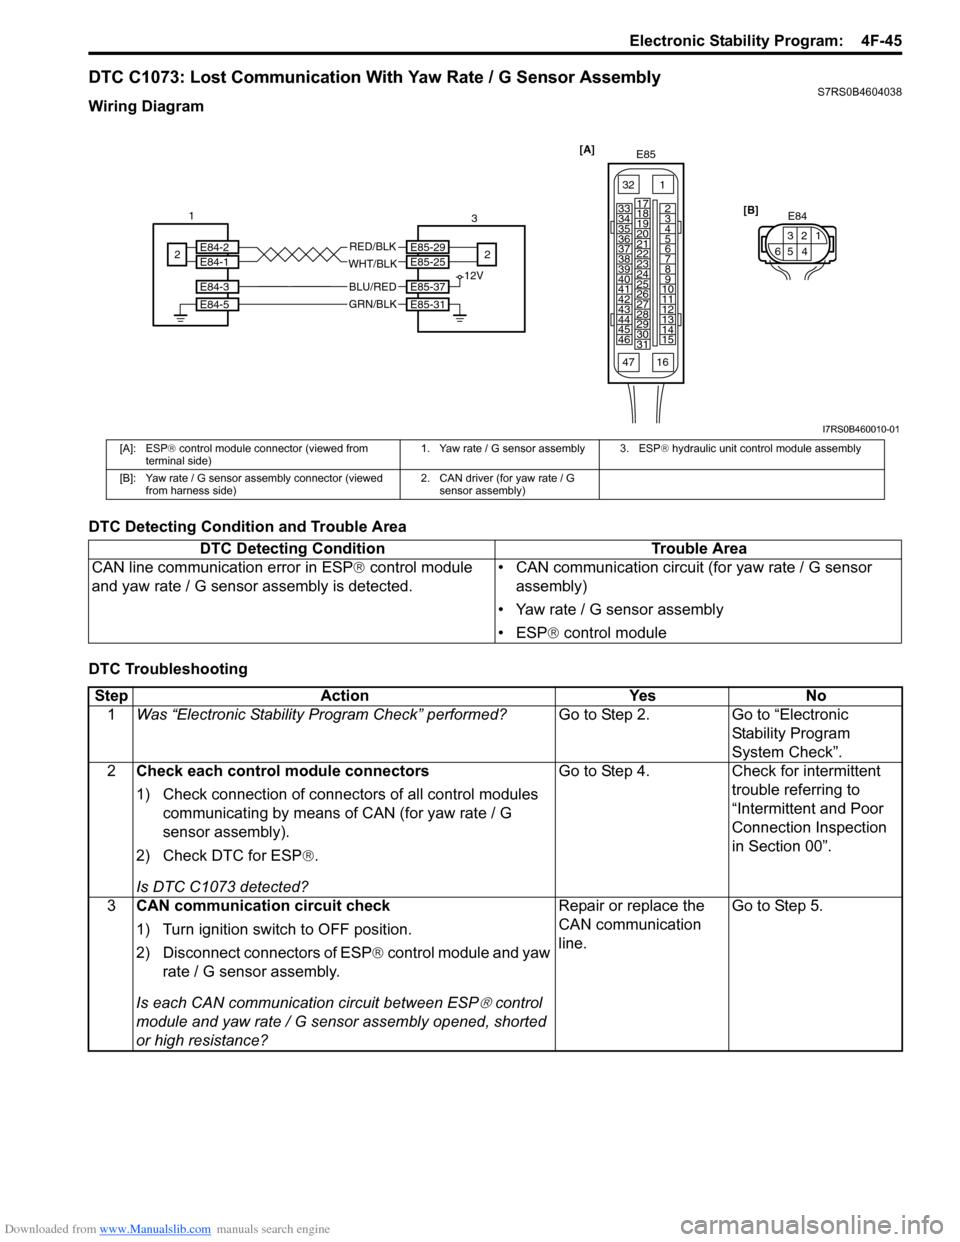 SUZUKI SWIFT 2007 2.G Service Workshop Manual, Page 619